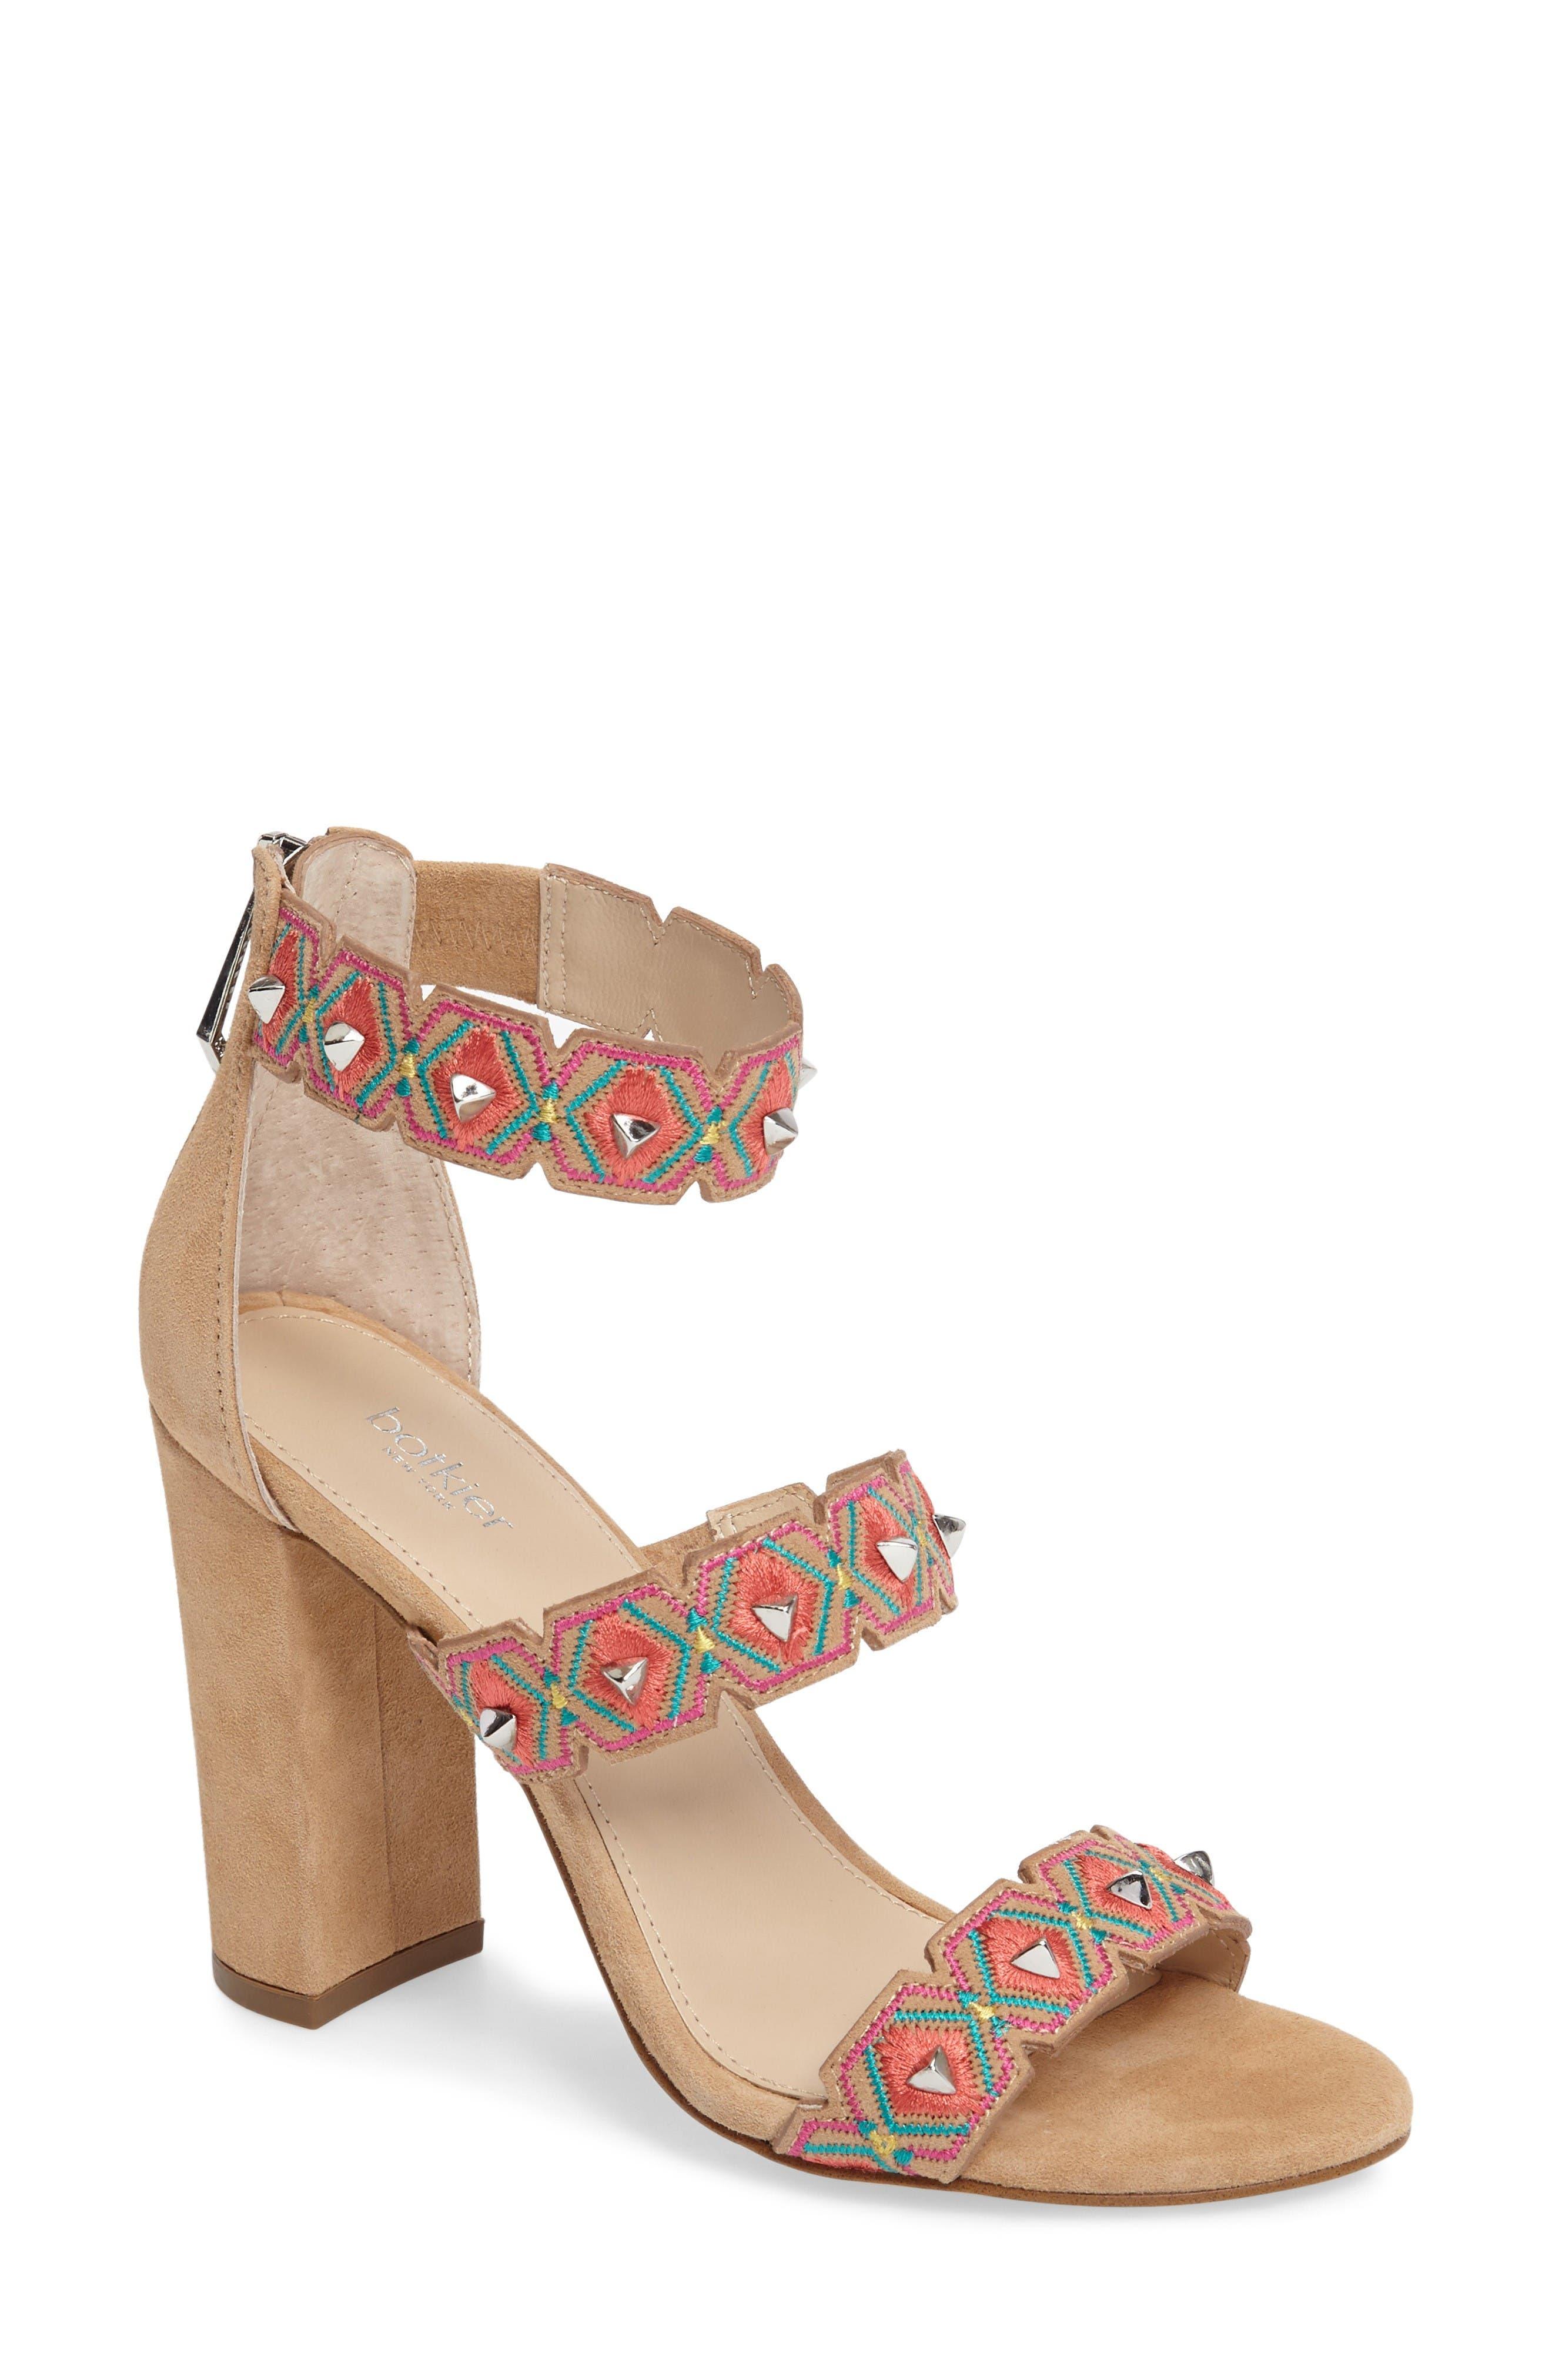 Main Image - Botkier Gigi Embellished Sandal (Women)